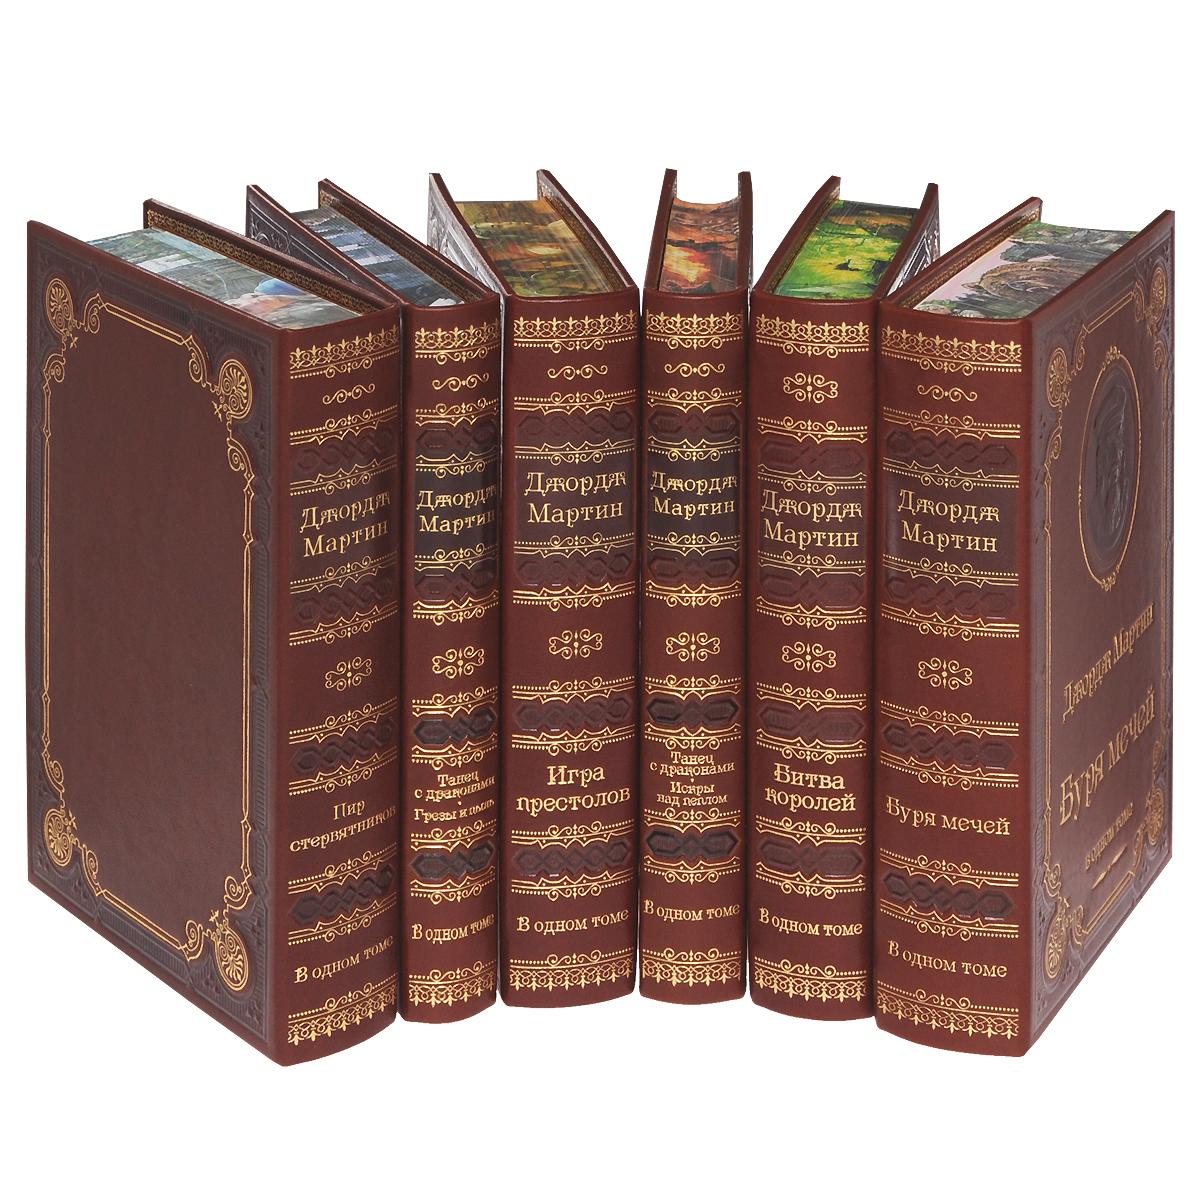 Джордж Мартин (подарочный комплект из 6 книг). Джордж Мартин